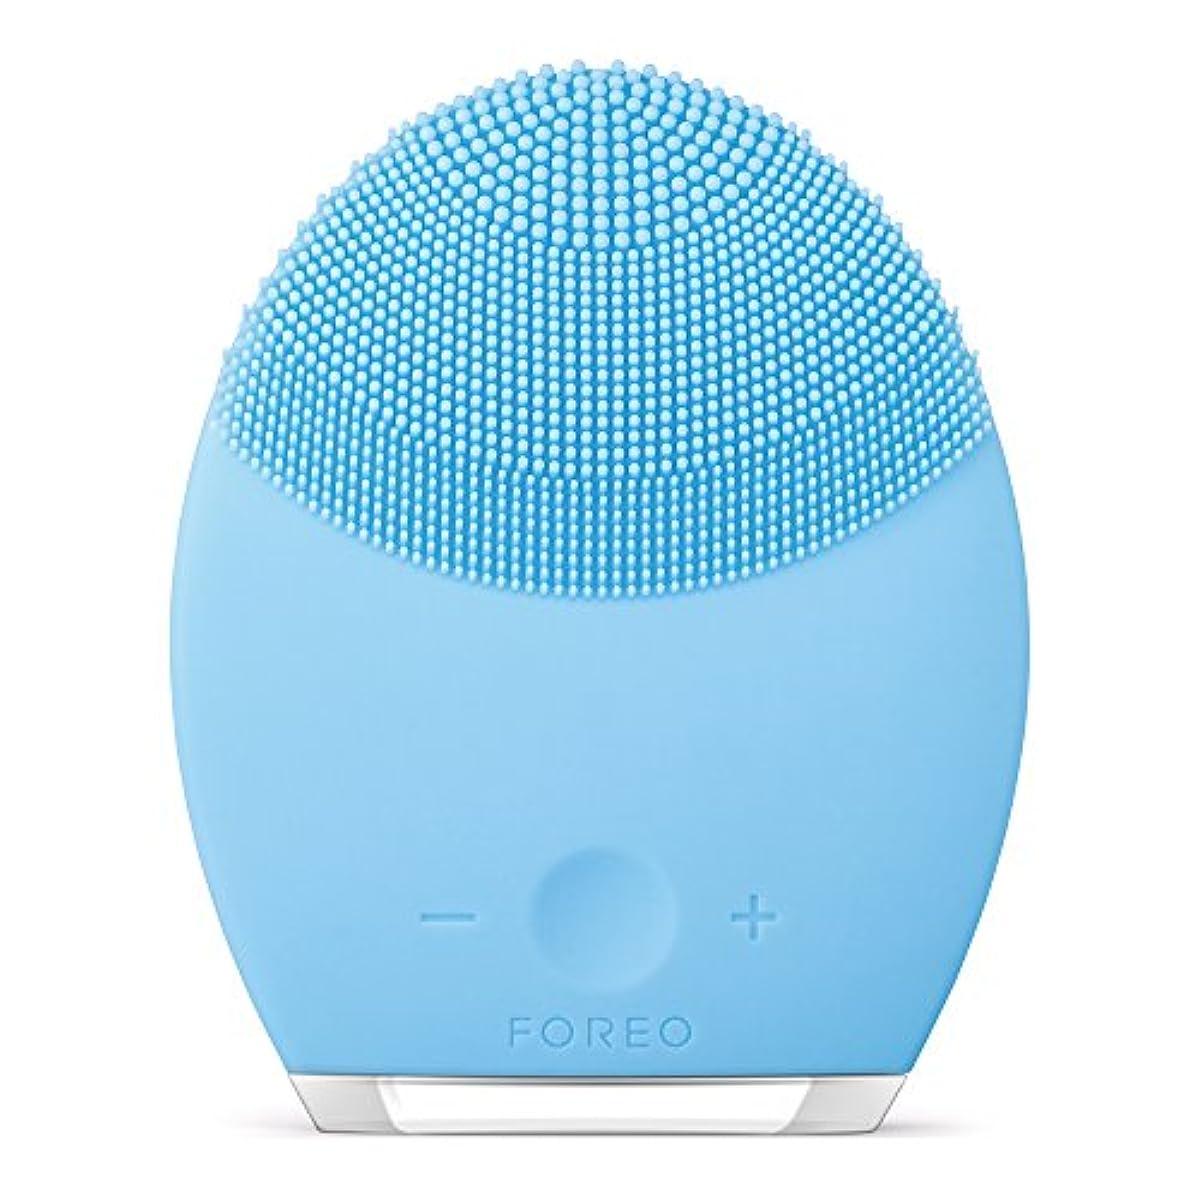 スクラップブックすり想像力豊かなFOREO LUNA 2 for コンビネーションスキン 電動洗顔ブラシ シリコーン製 音波振動 エイジングケア※